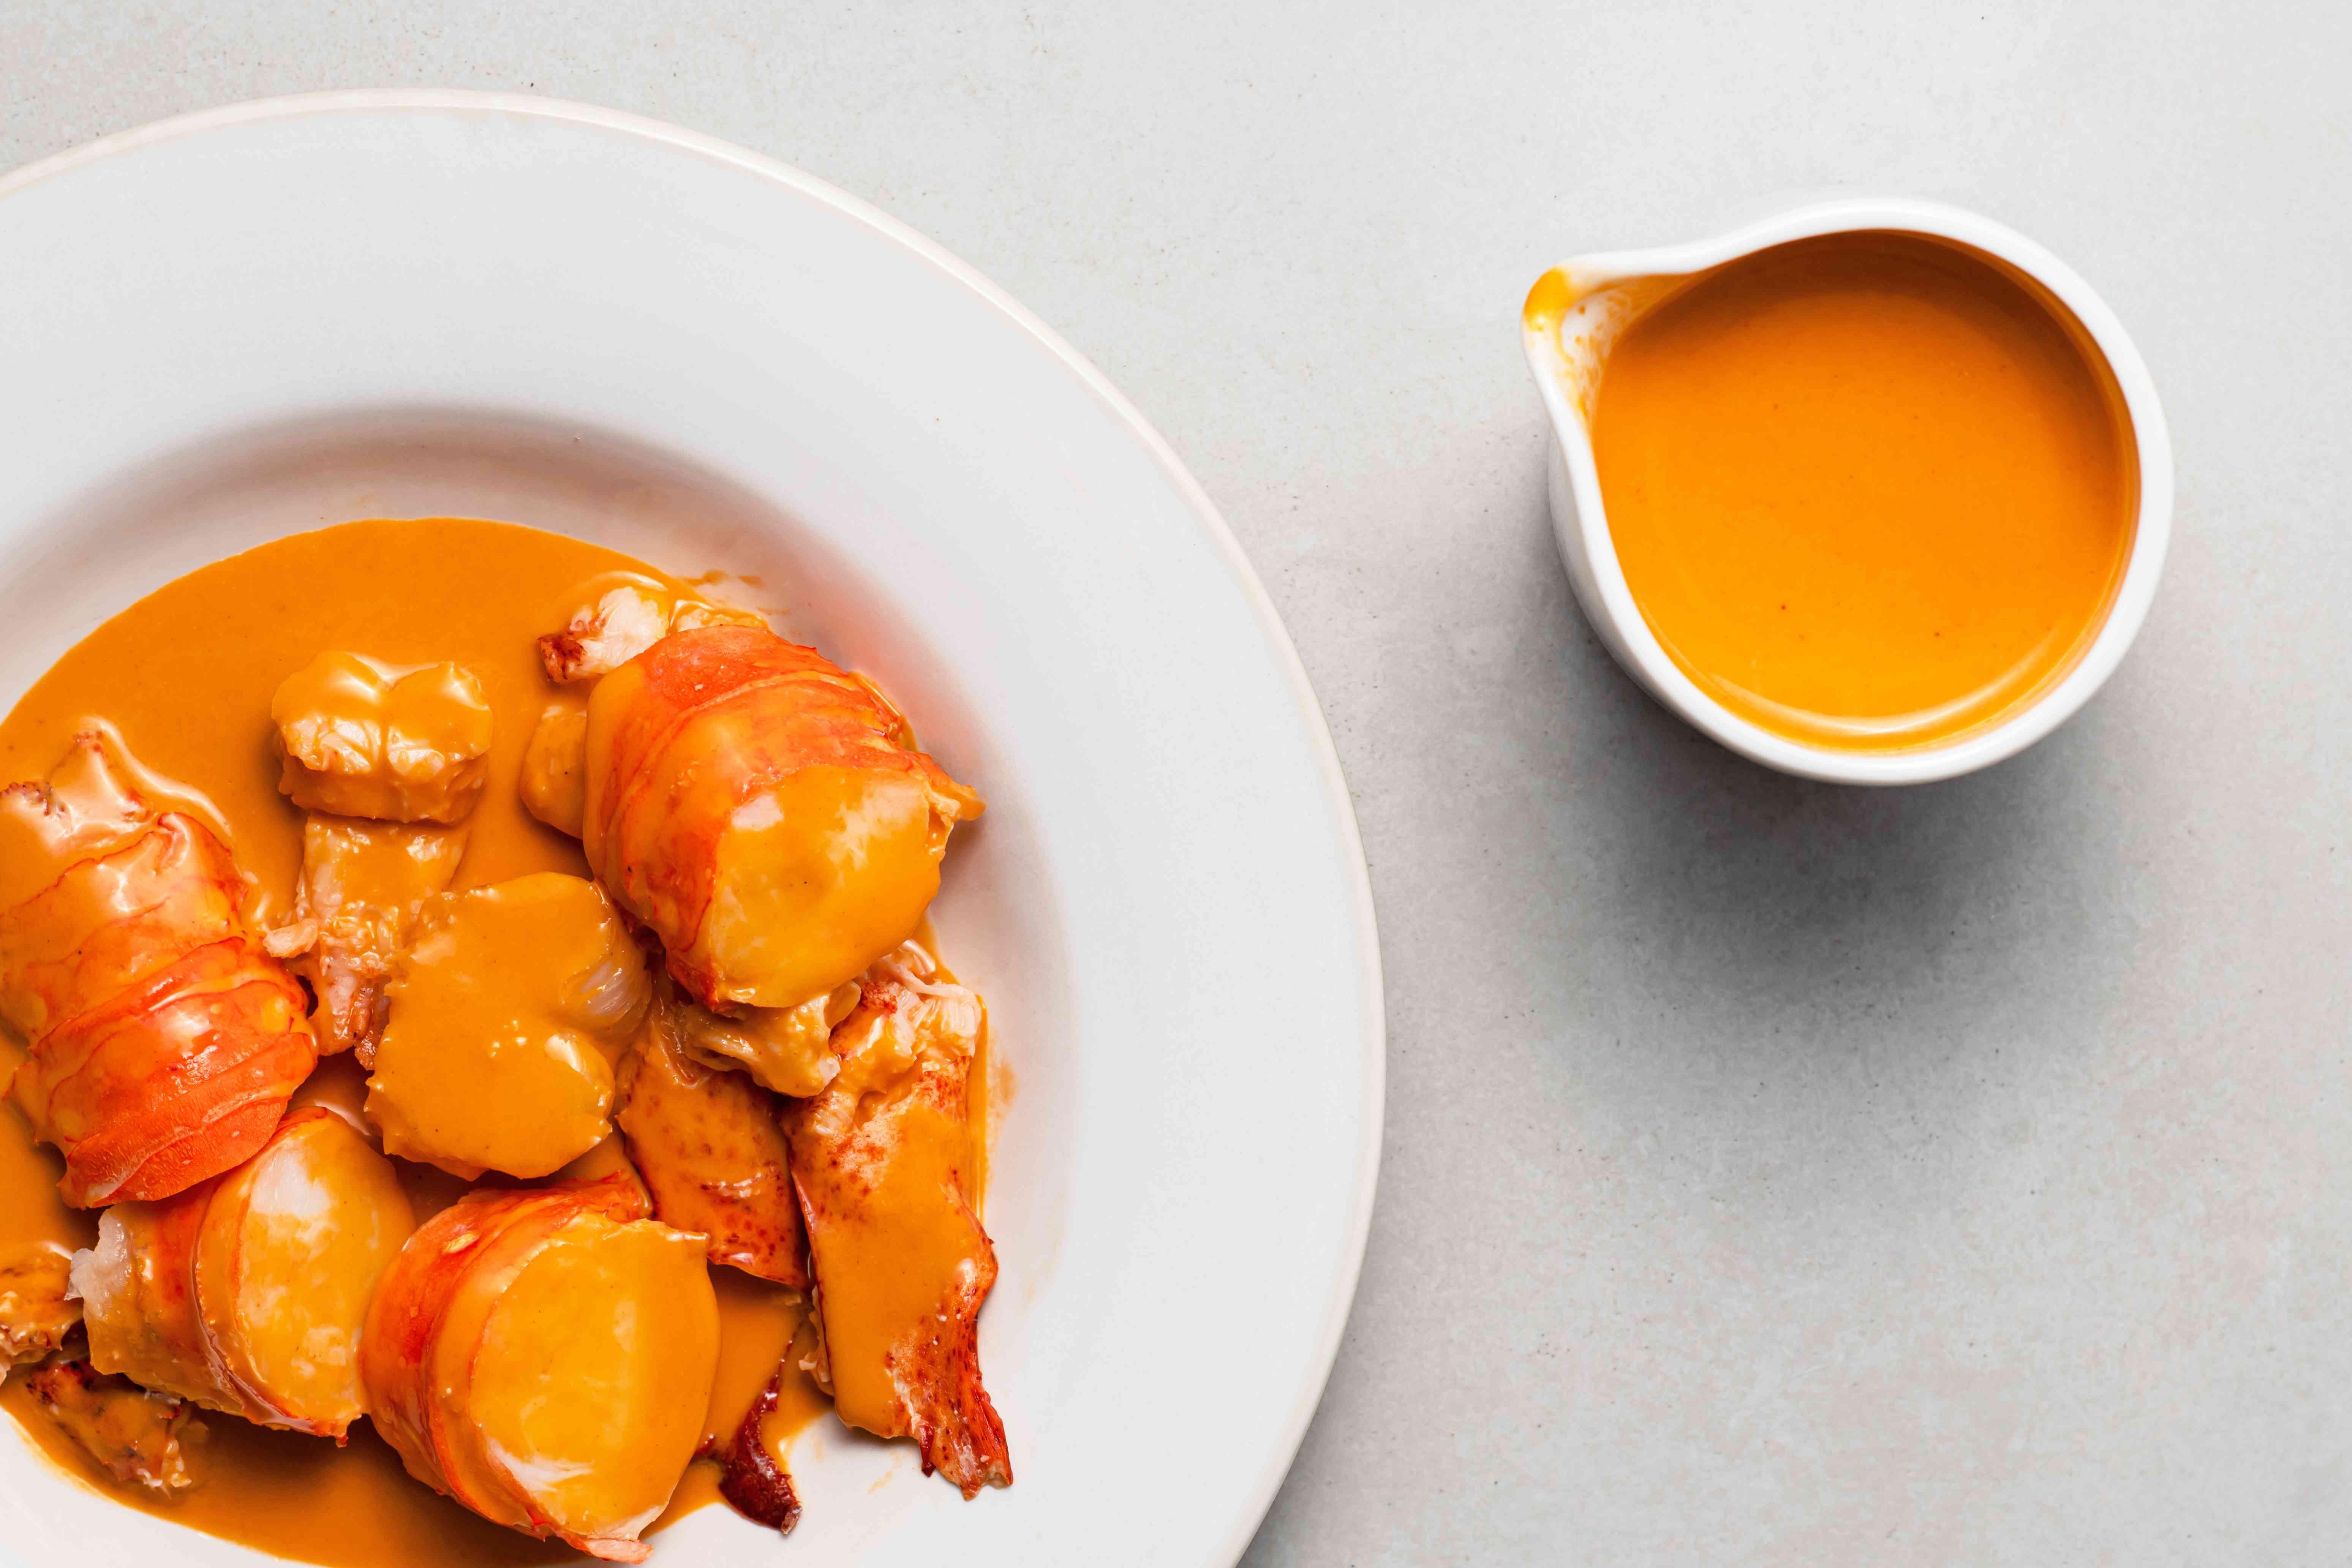 Emeril's Homemade Lobster Sauce